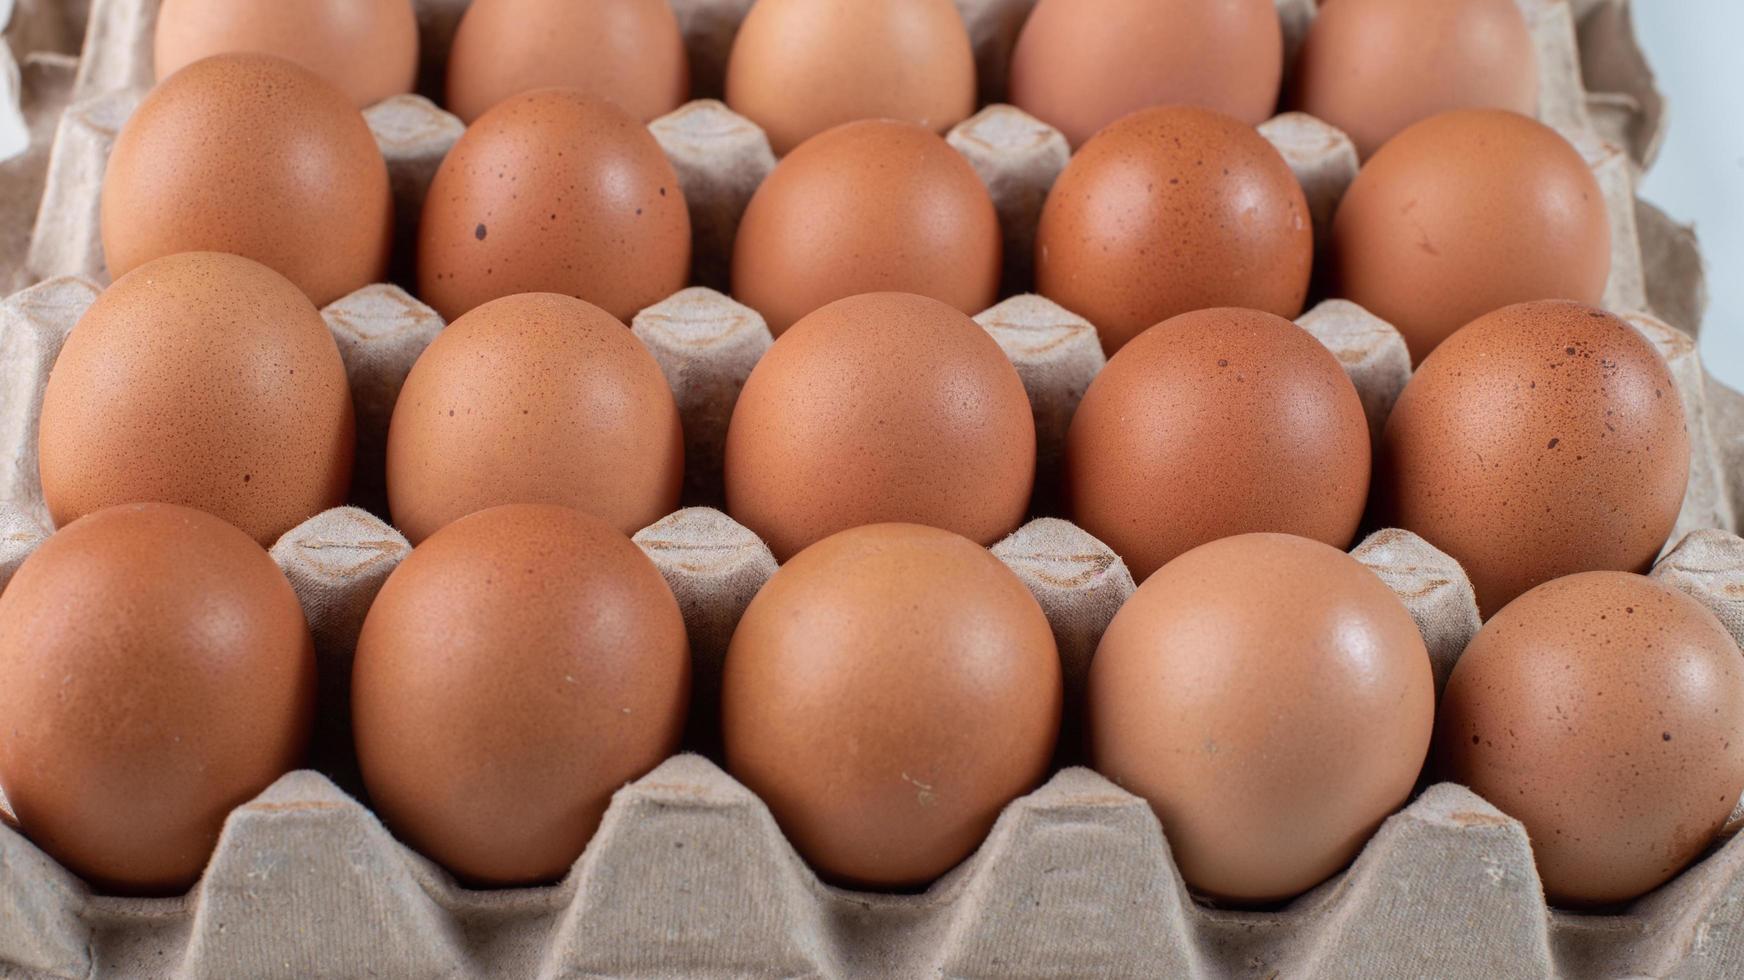 braune Eier im Karton foto